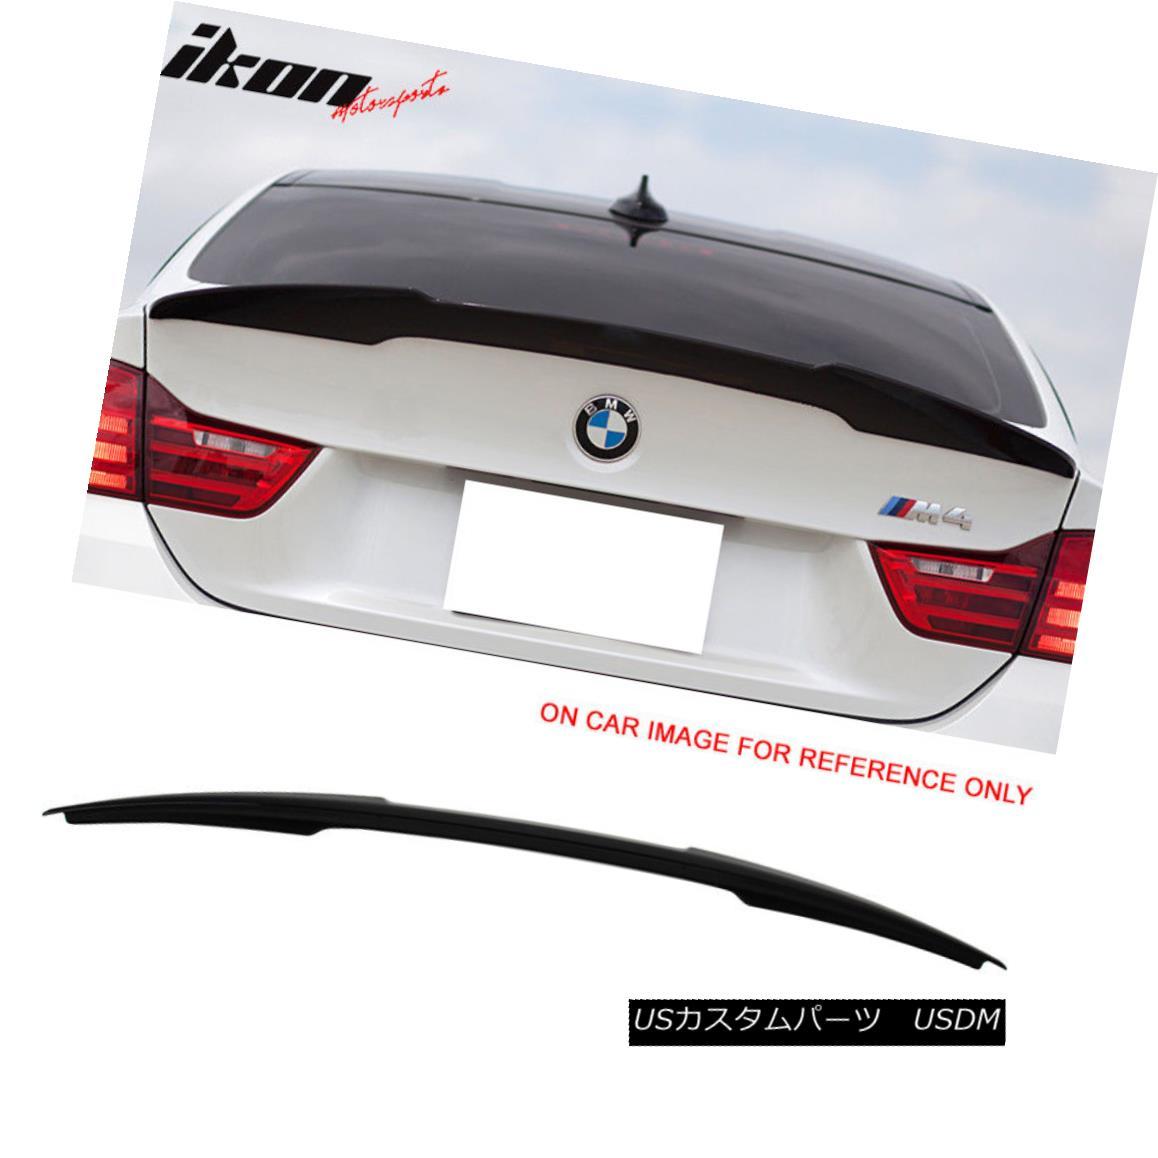 エアロパーツ 14-17 BMW F32 2Dr Coupe M4 Painted Trunk Spoiler #475 Black Sapphire Metallic 14-17 BMW F32 2DrクーペM4塗装トランク・スポイラー#475ブラック・サファイア・メタリック